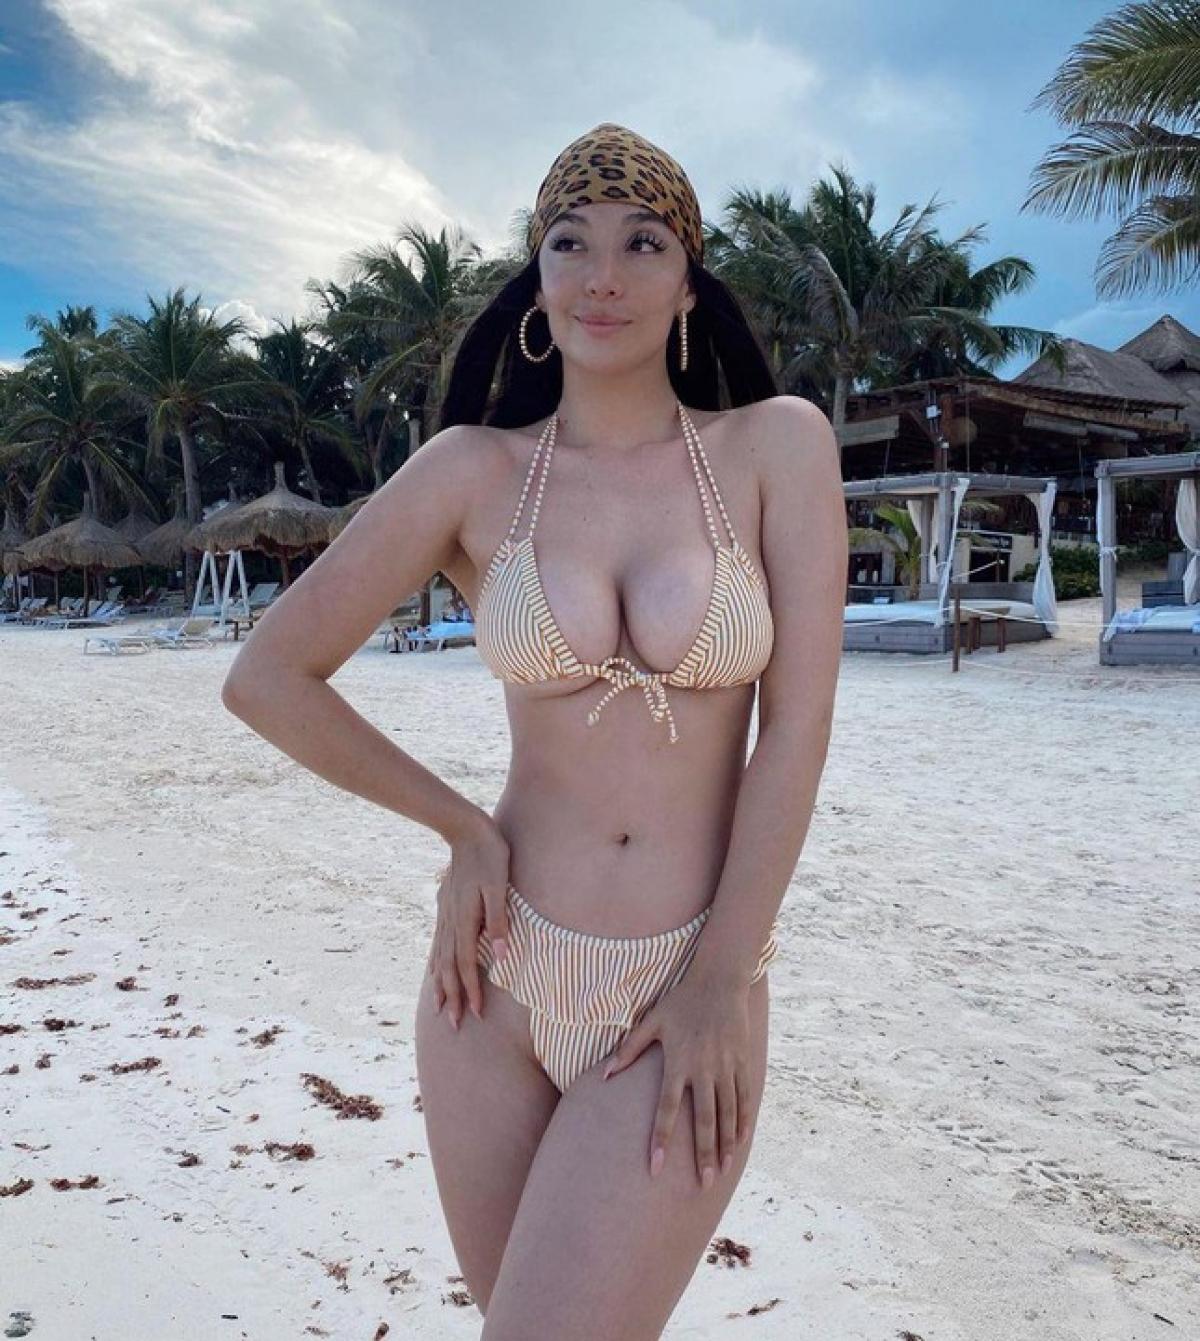 """Năm 2018 cô chuyển tới Mexico và xuất hiện trong series truyền hình """"Tres Milagros"""". Cô cũng có cơ hội tham gia vở nhạc kịch 'Las Mil y Una Noches' bên cạnh những tên tuổi nghệ sĩ hàng đầu của Mexico."""